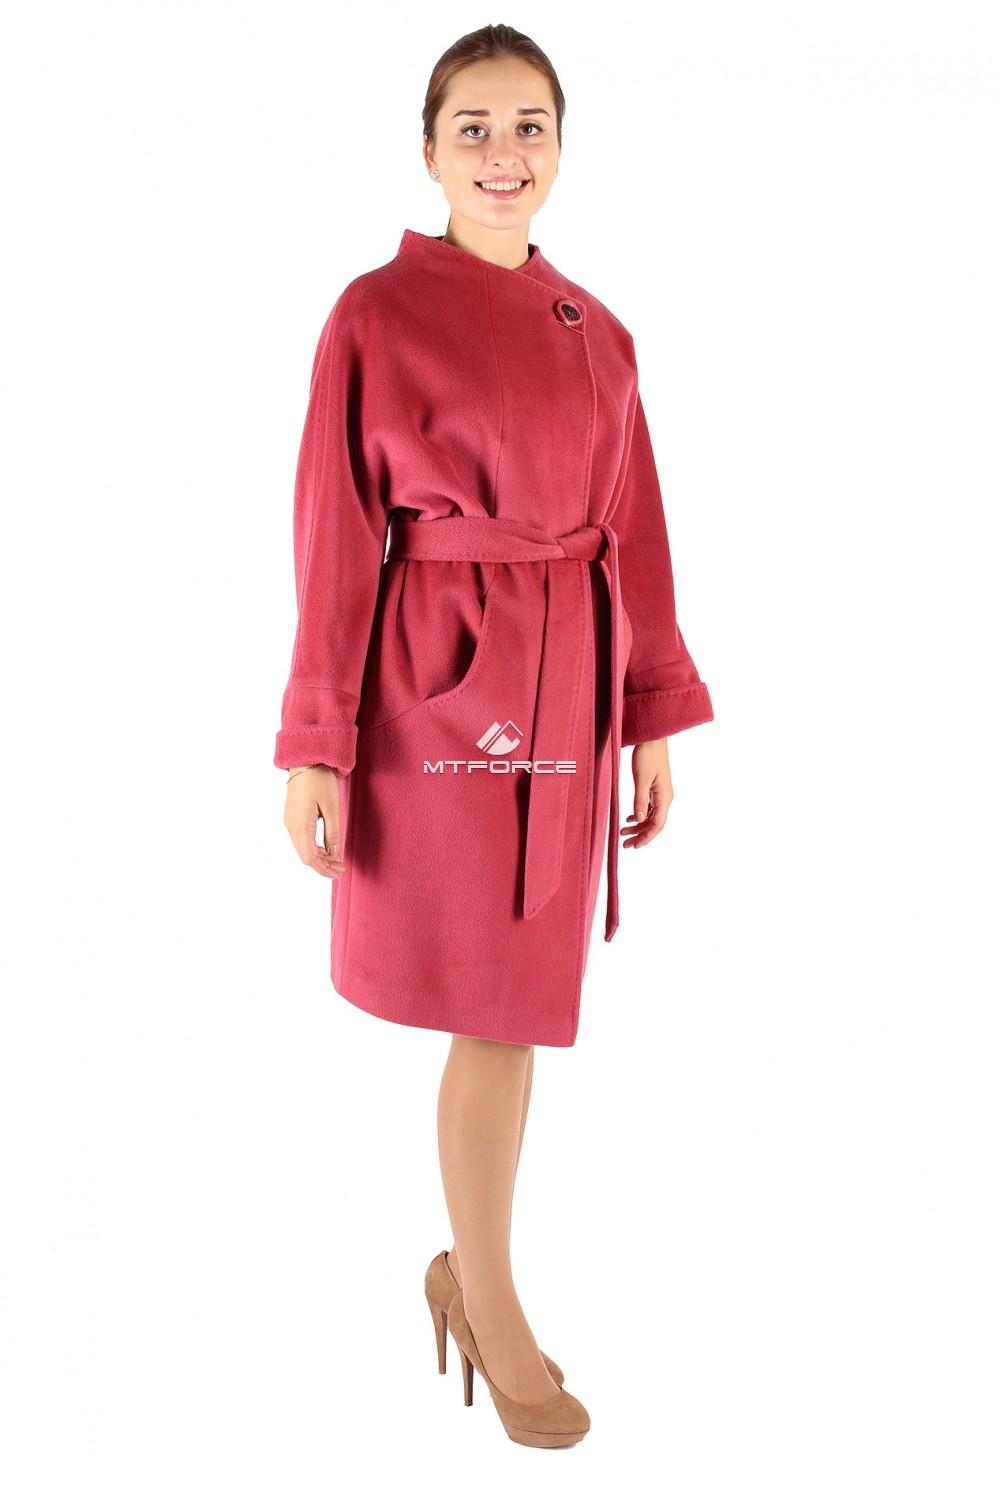 Купить                                  оптом Пальто женское малинового цвета 380M в Санкт-Петербурге